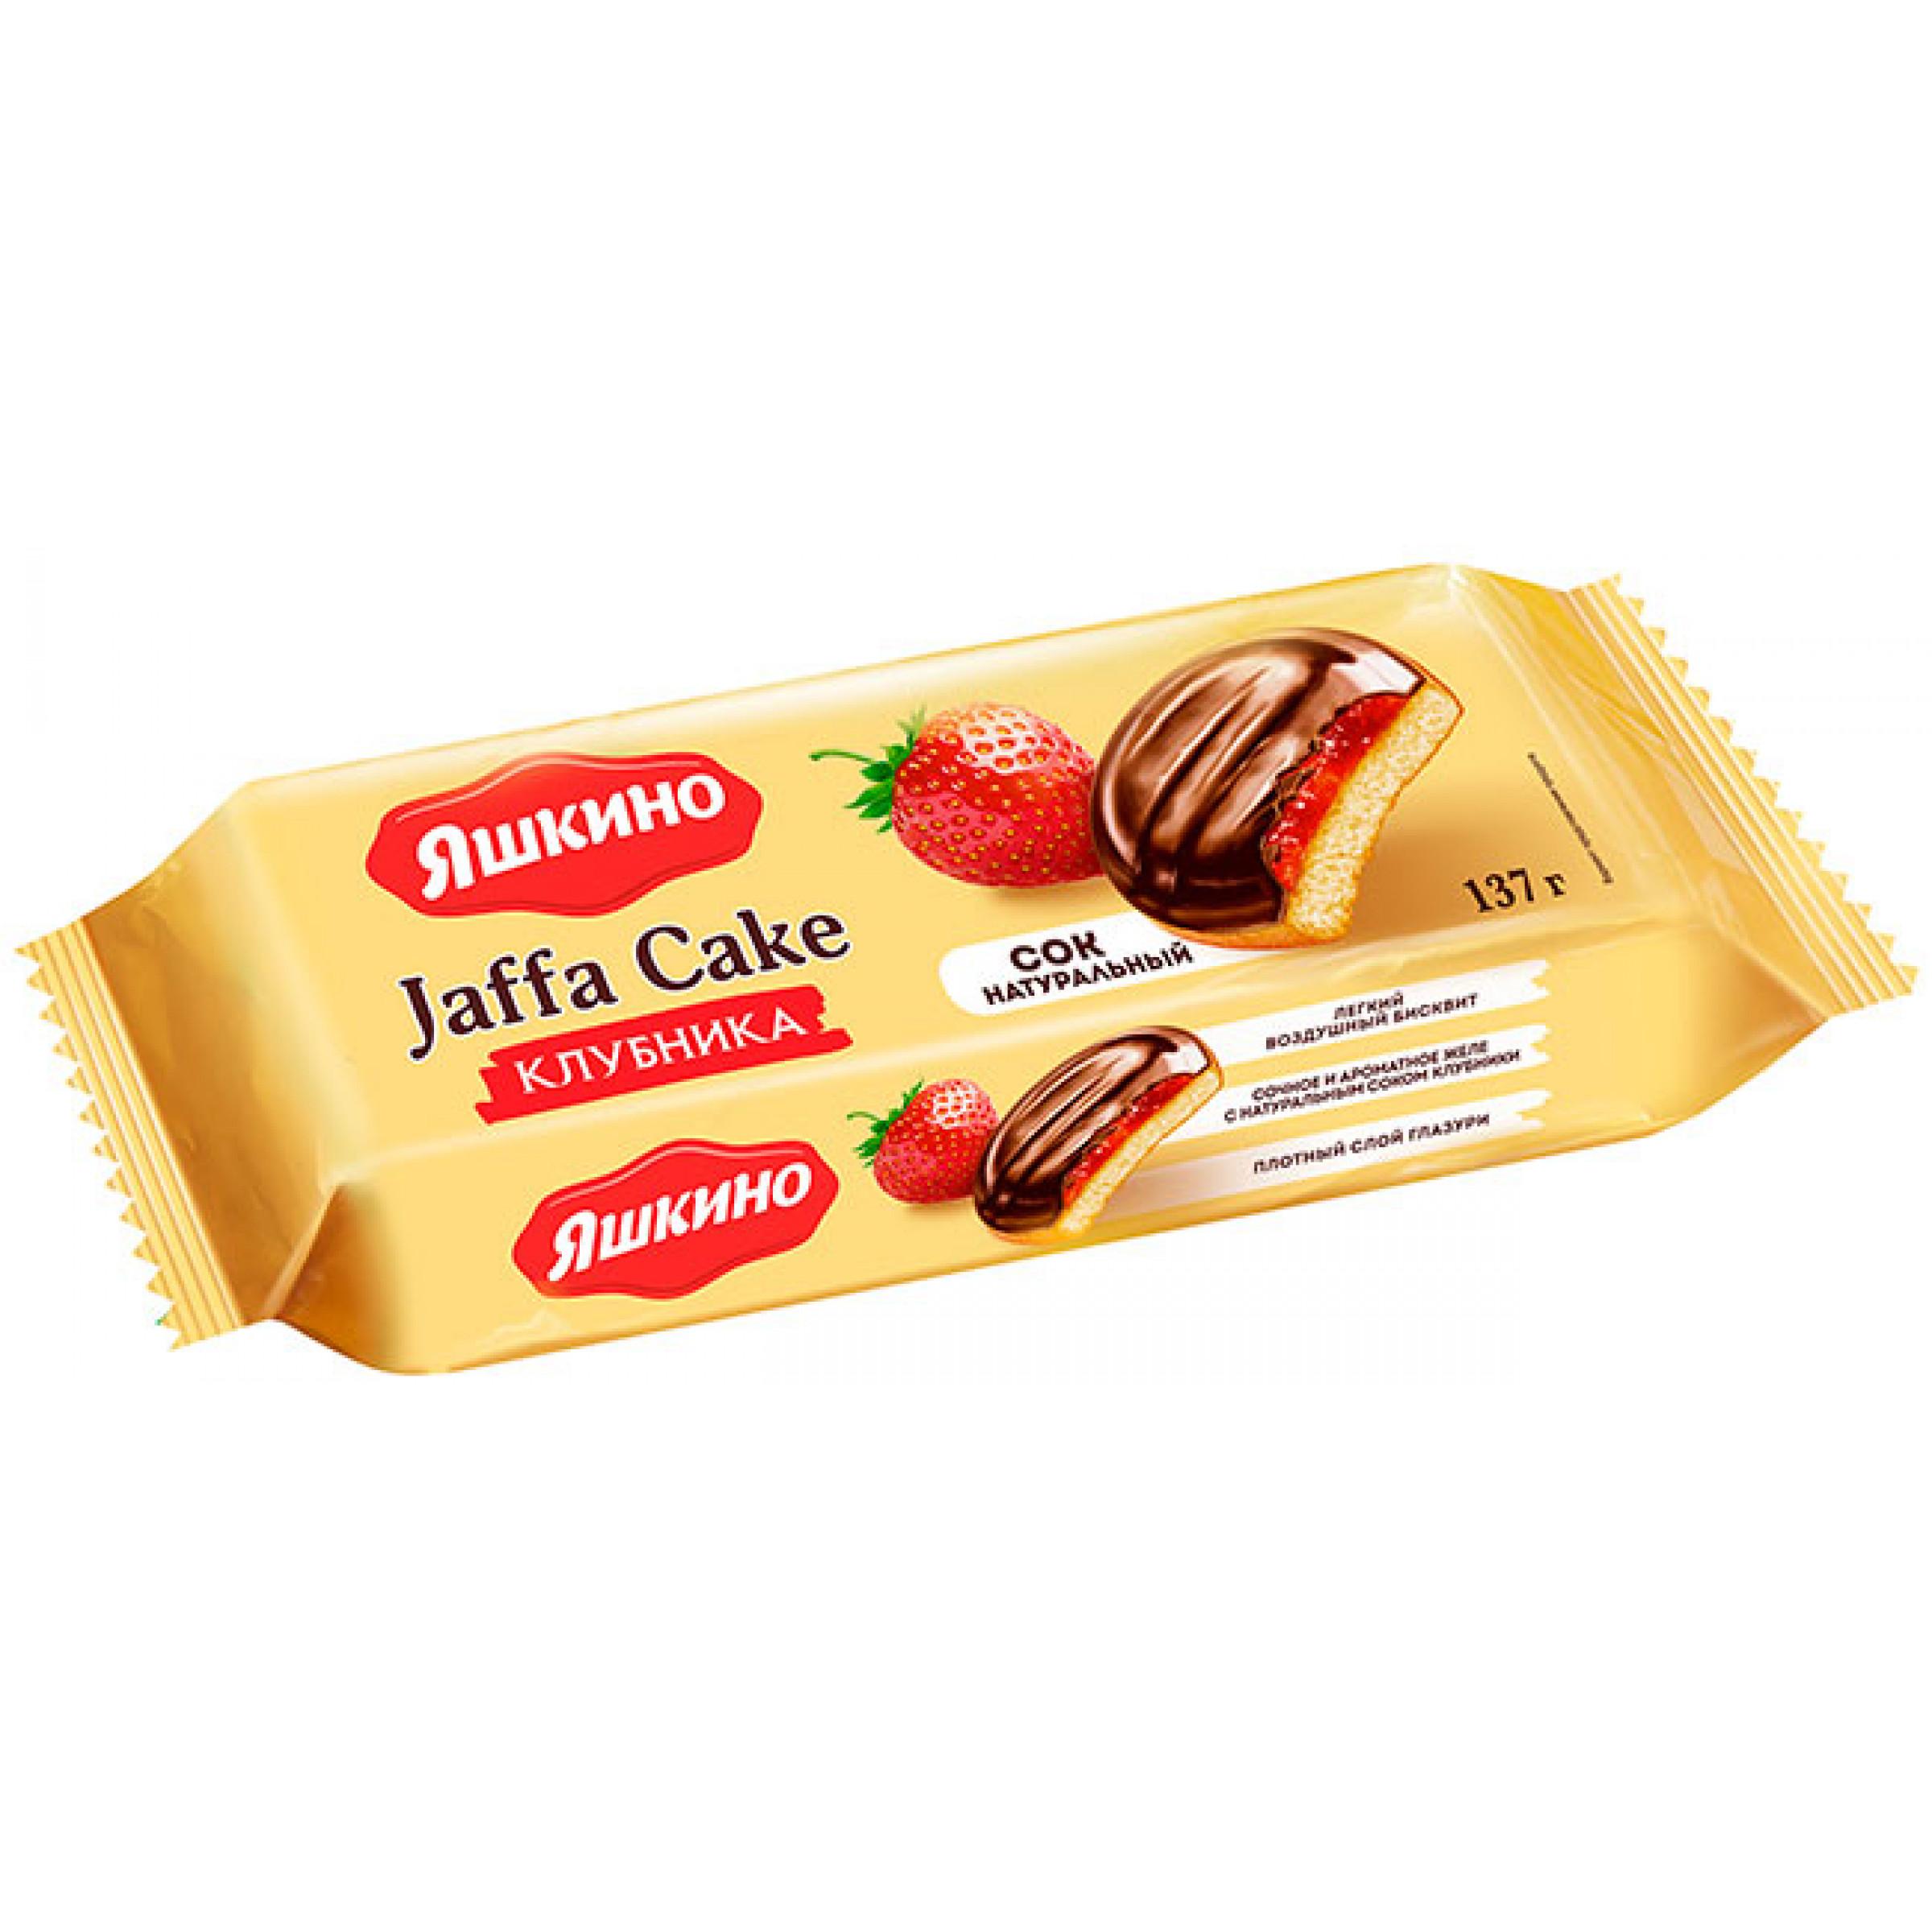 Печенье сдобное Яшкино клубника, 137 гр